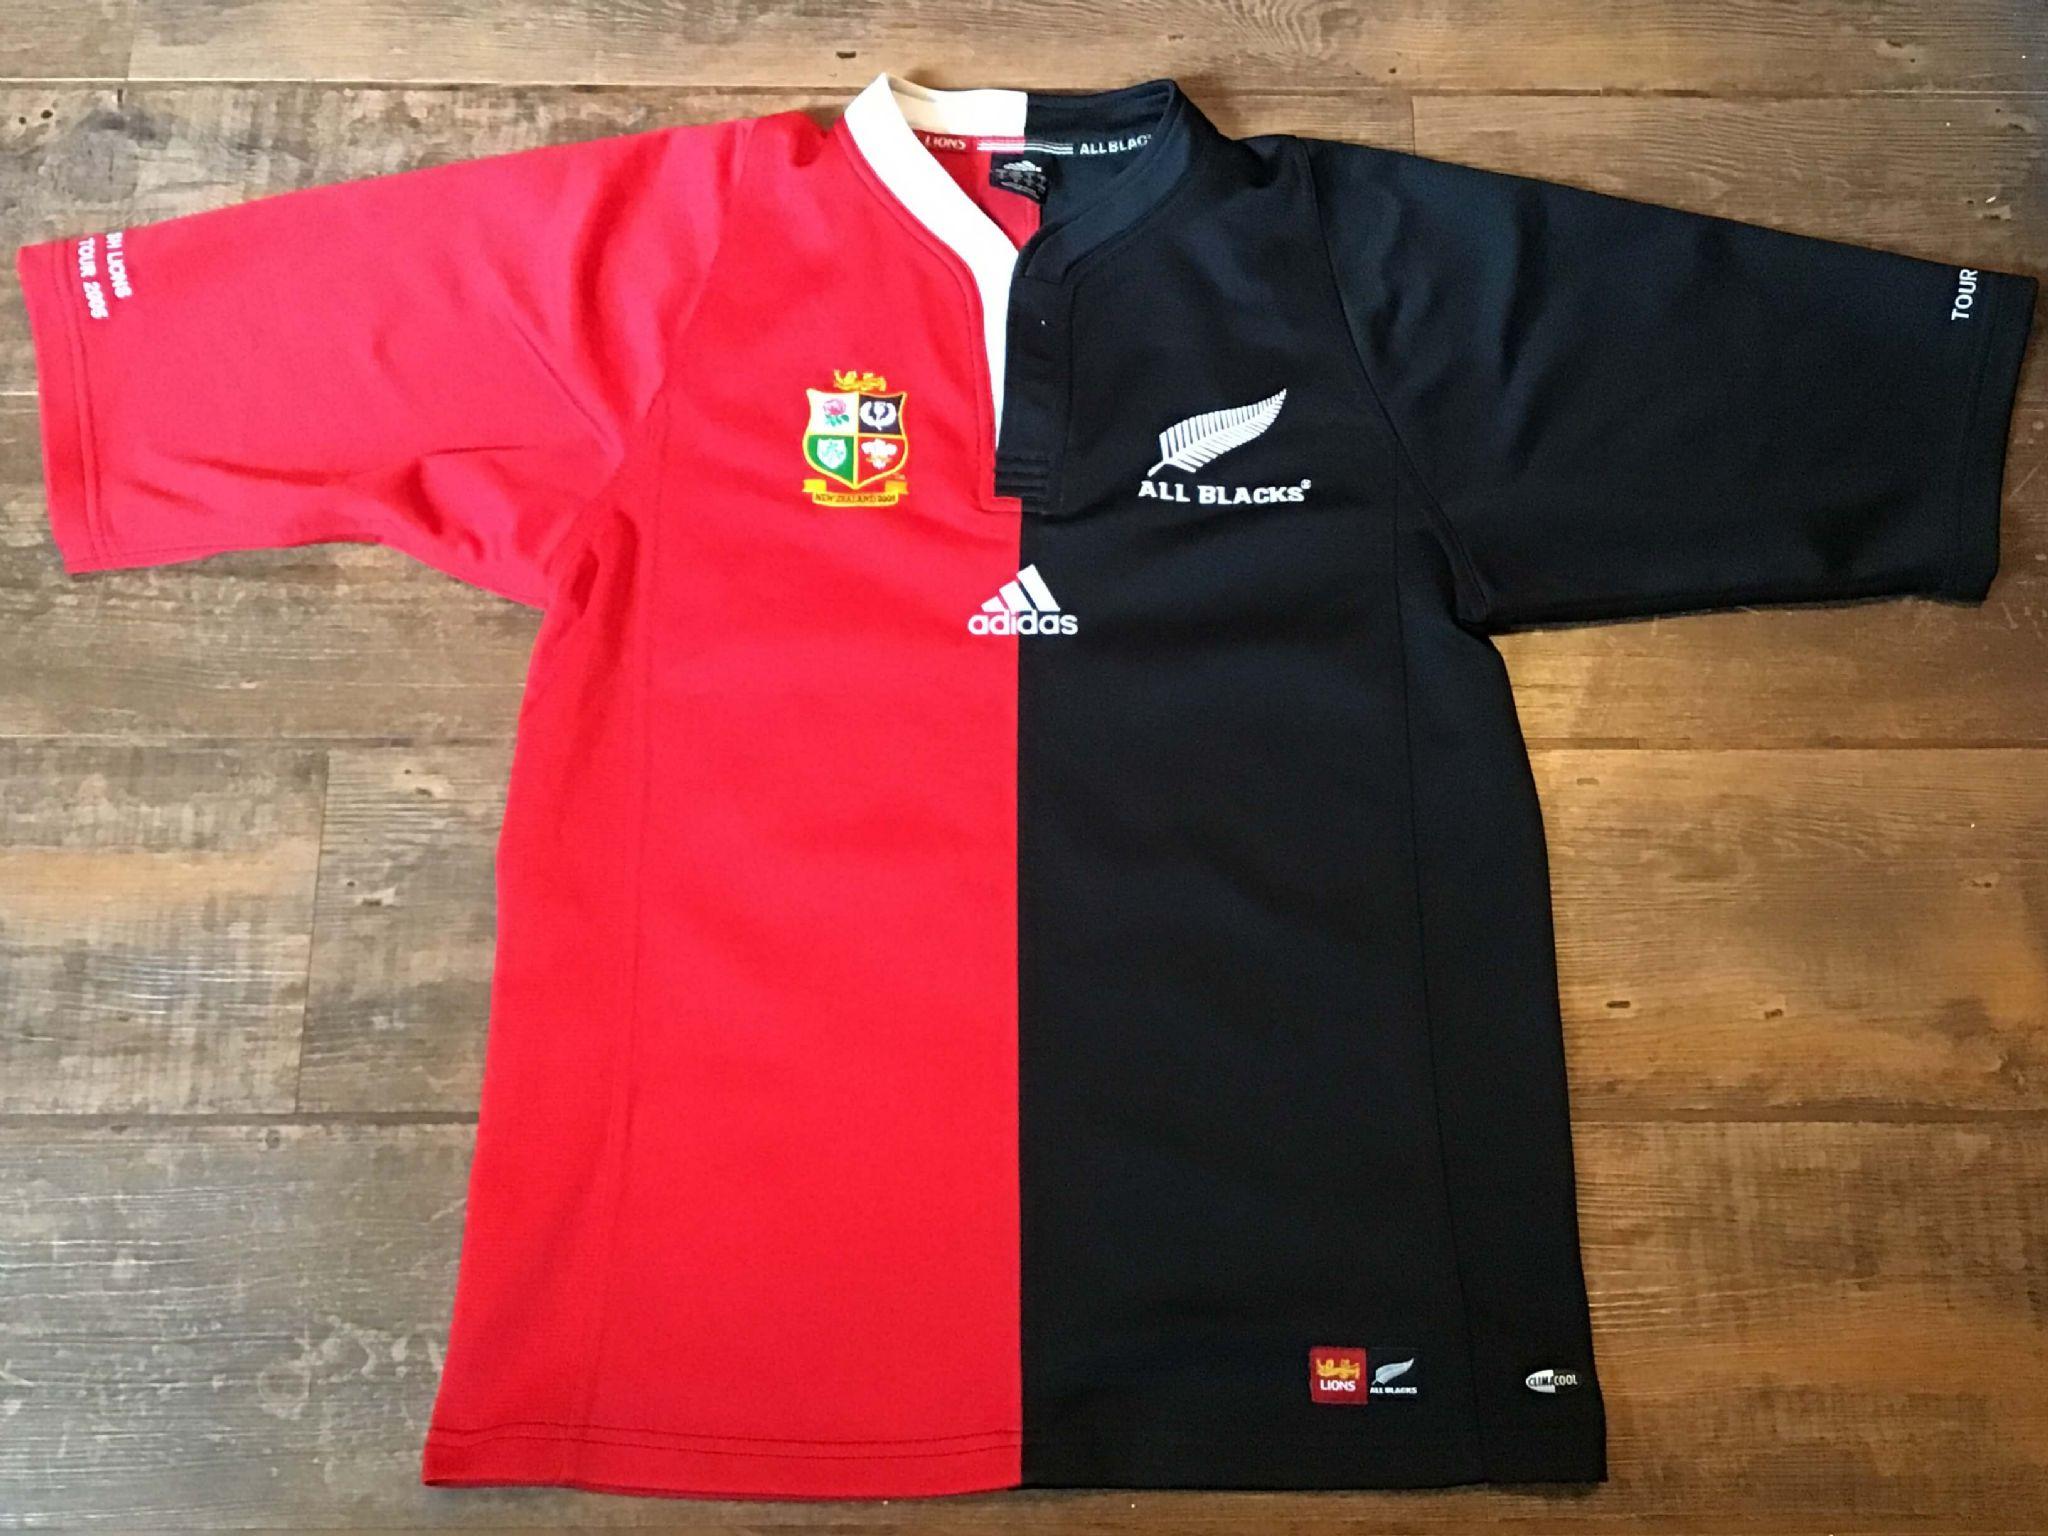 34c36f5b7f5 2005 British & Irish Lions New Zealand Ltd Edition Rugby Union Shirt Adults  Small All Blacks